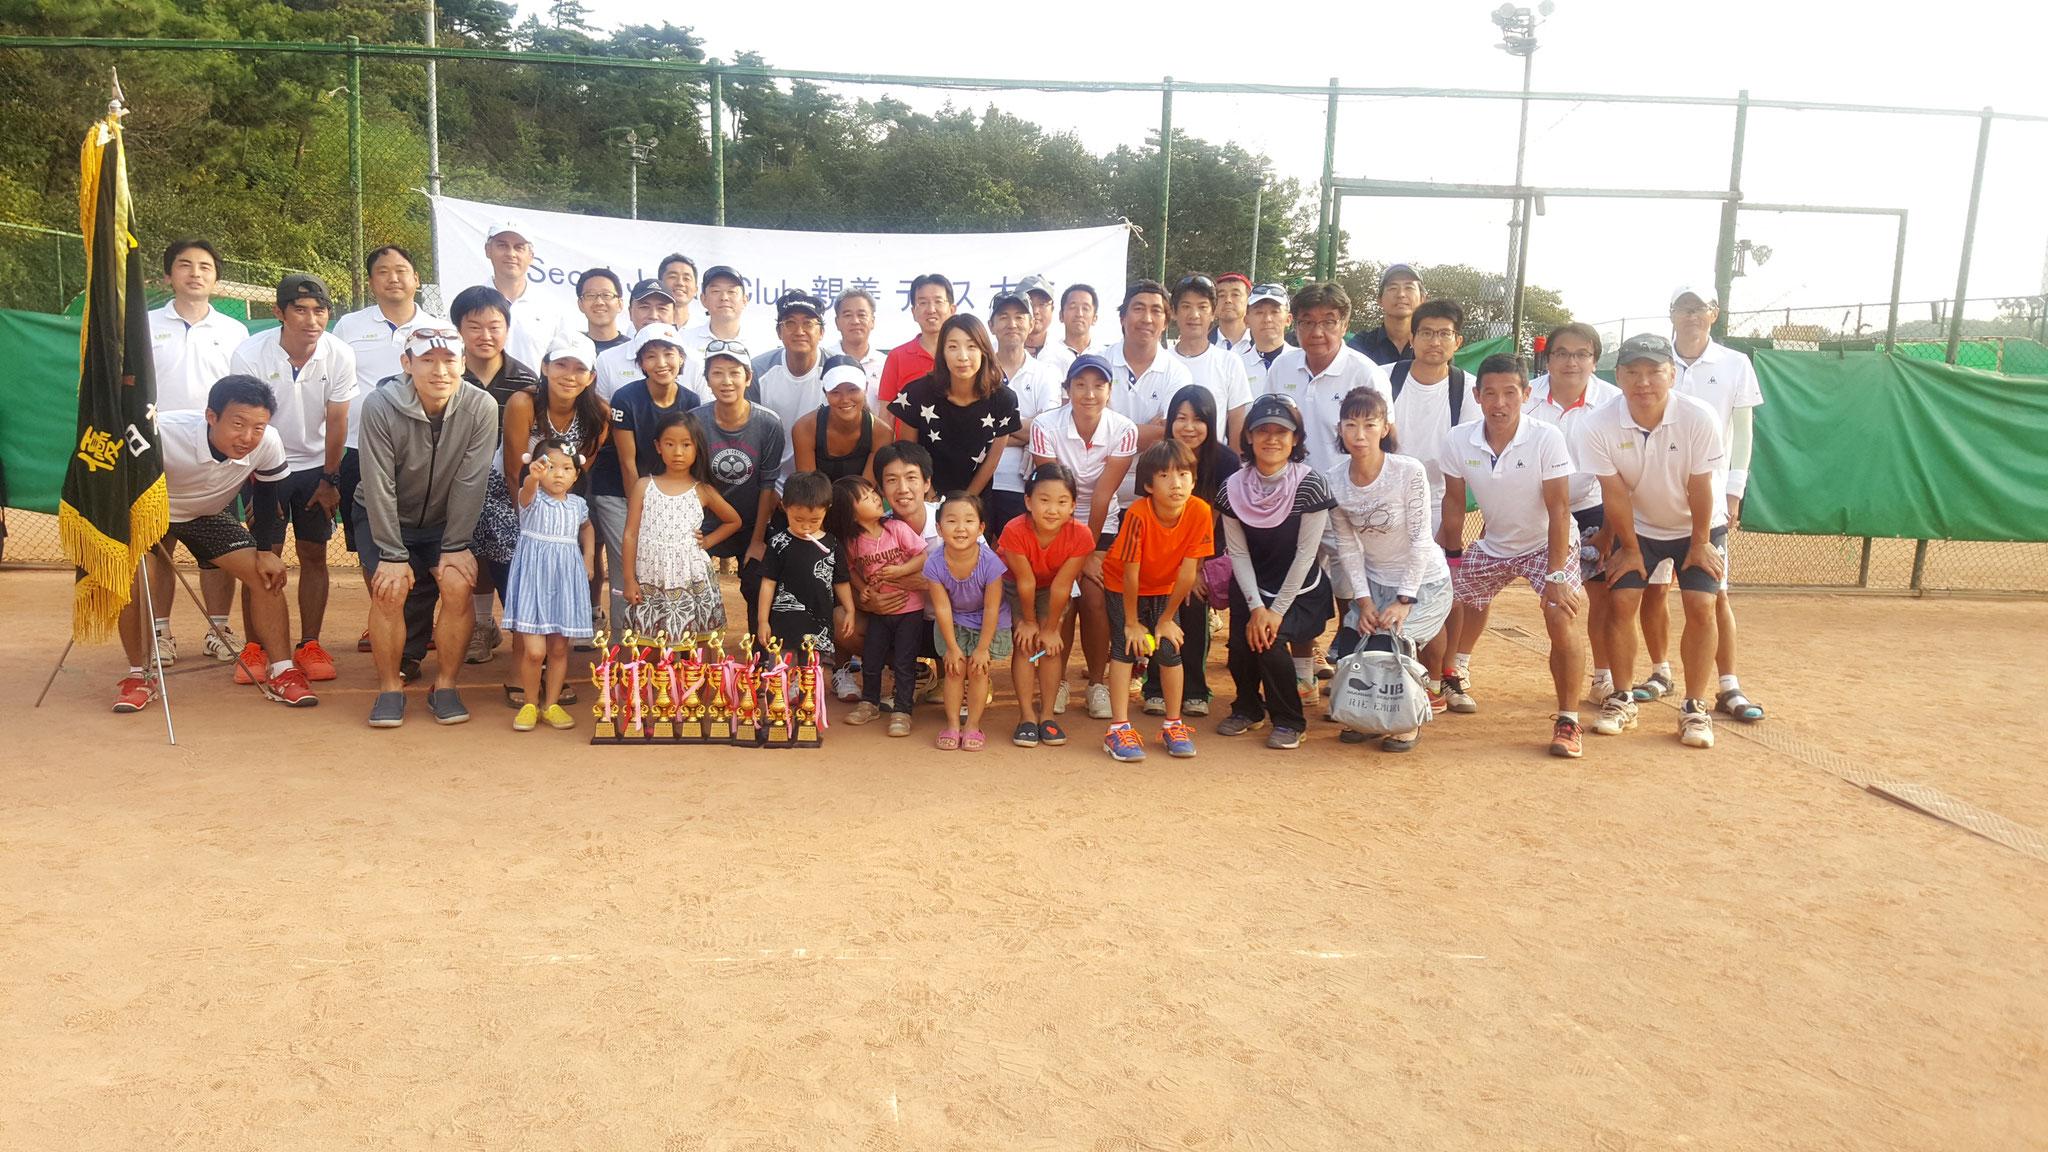 2016年9月 SJCテニス大会開催、Aクラス優勝!!!